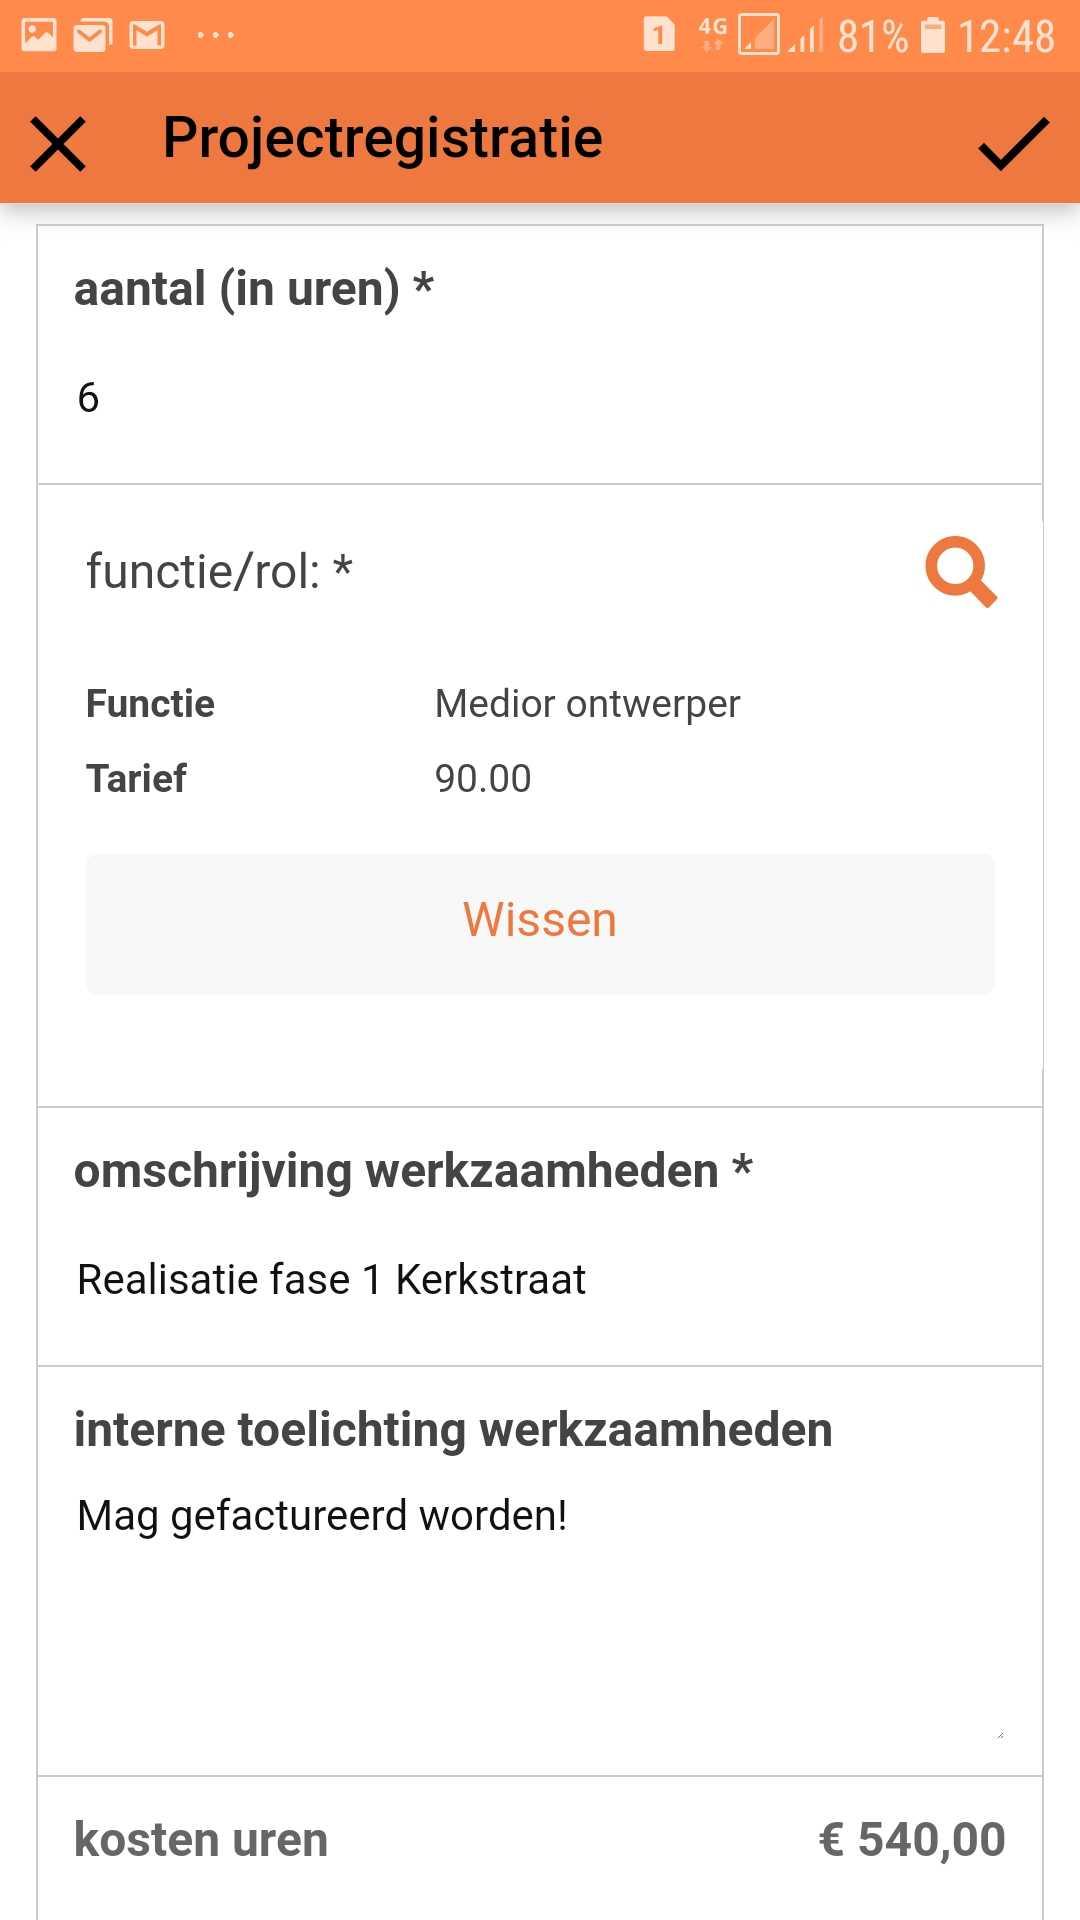 facuur-app-klantvoorbeeld3